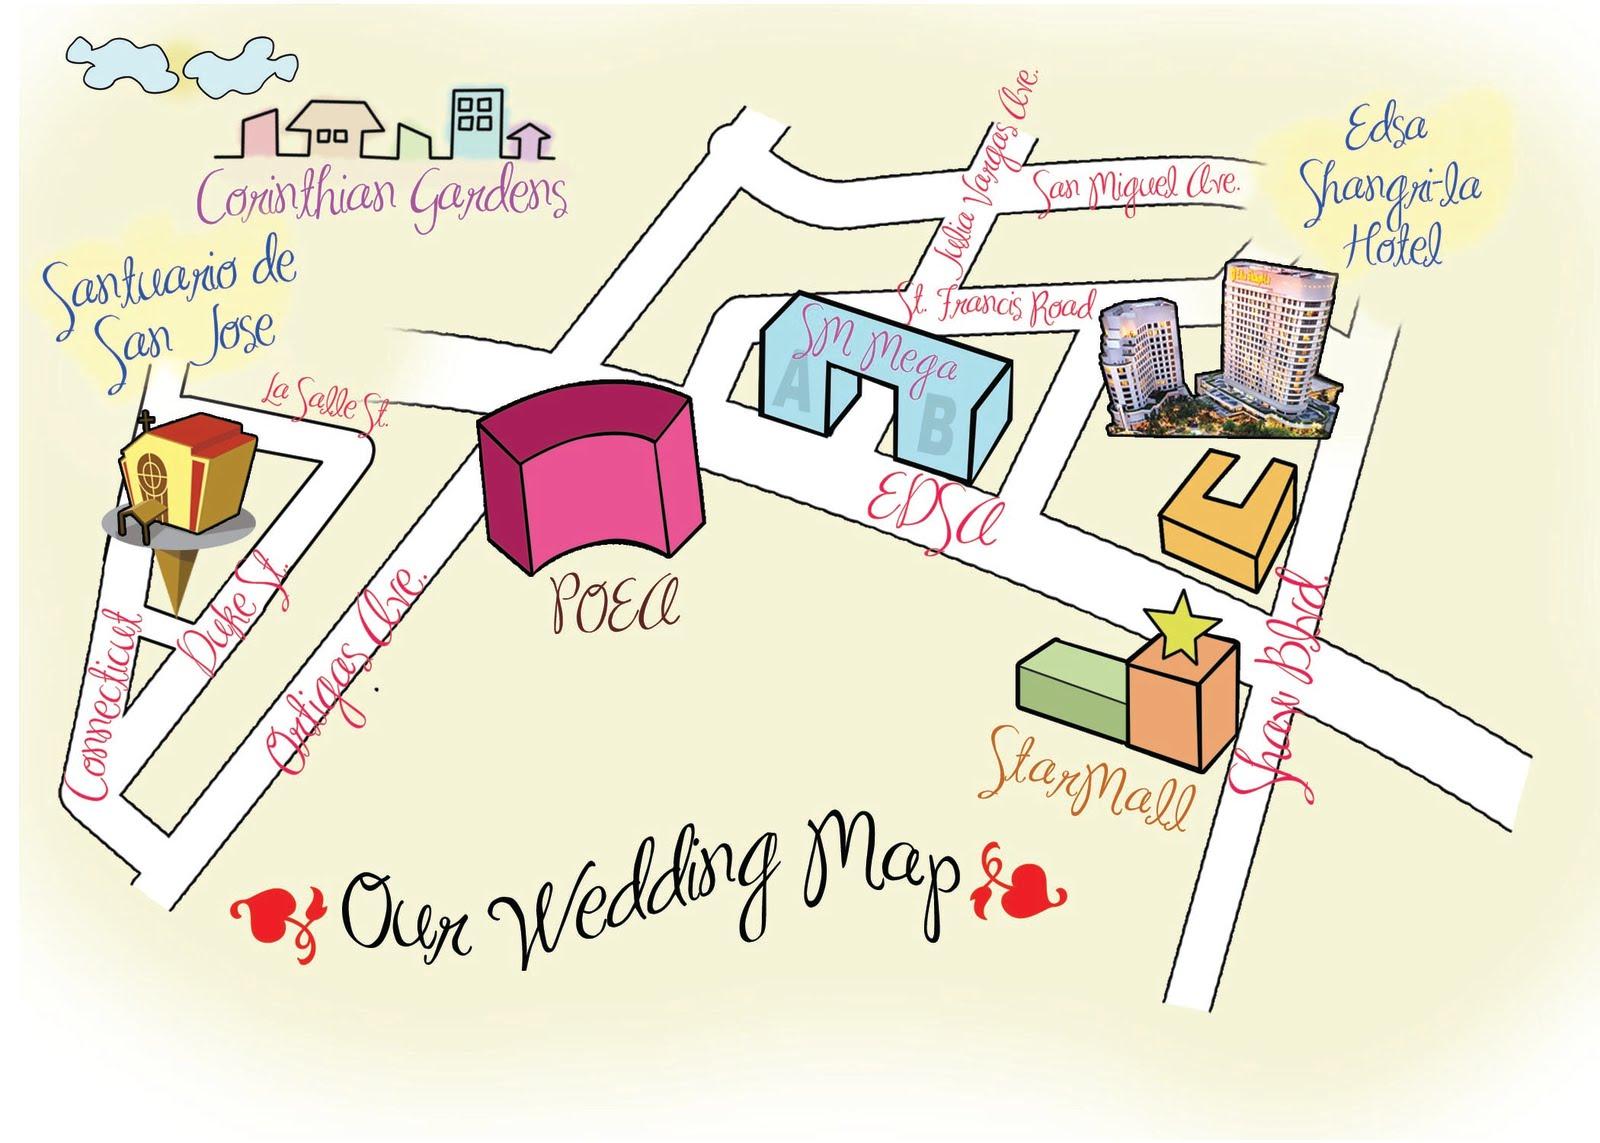 Ms Jen S Cutie Wedding Map